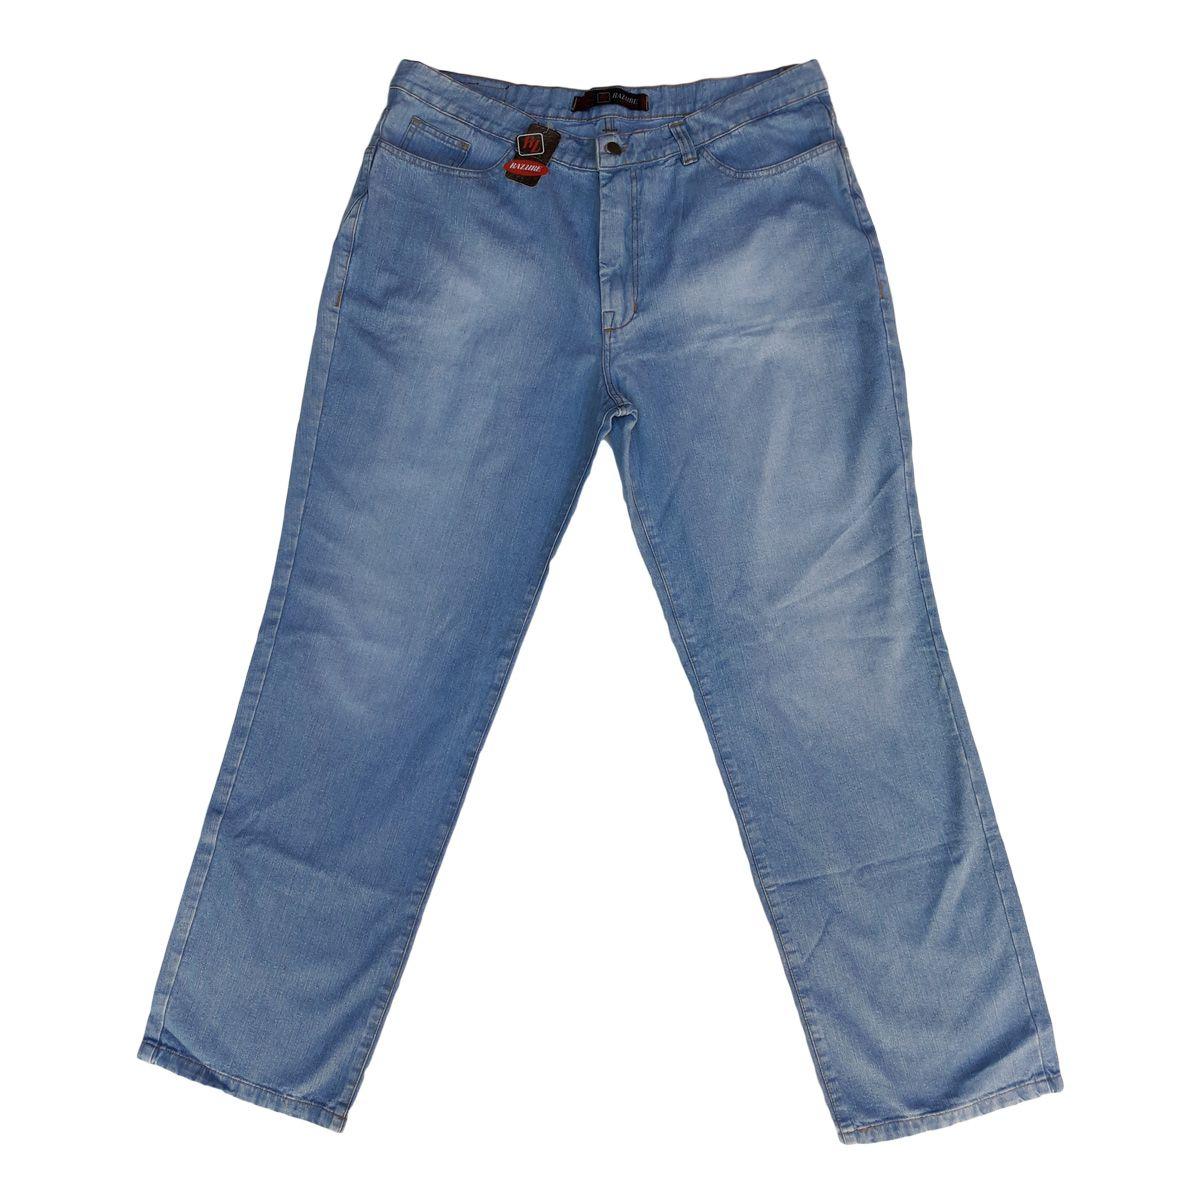 Calça Jeans Masculina Tradicional Delavê Plus Size Tam 52